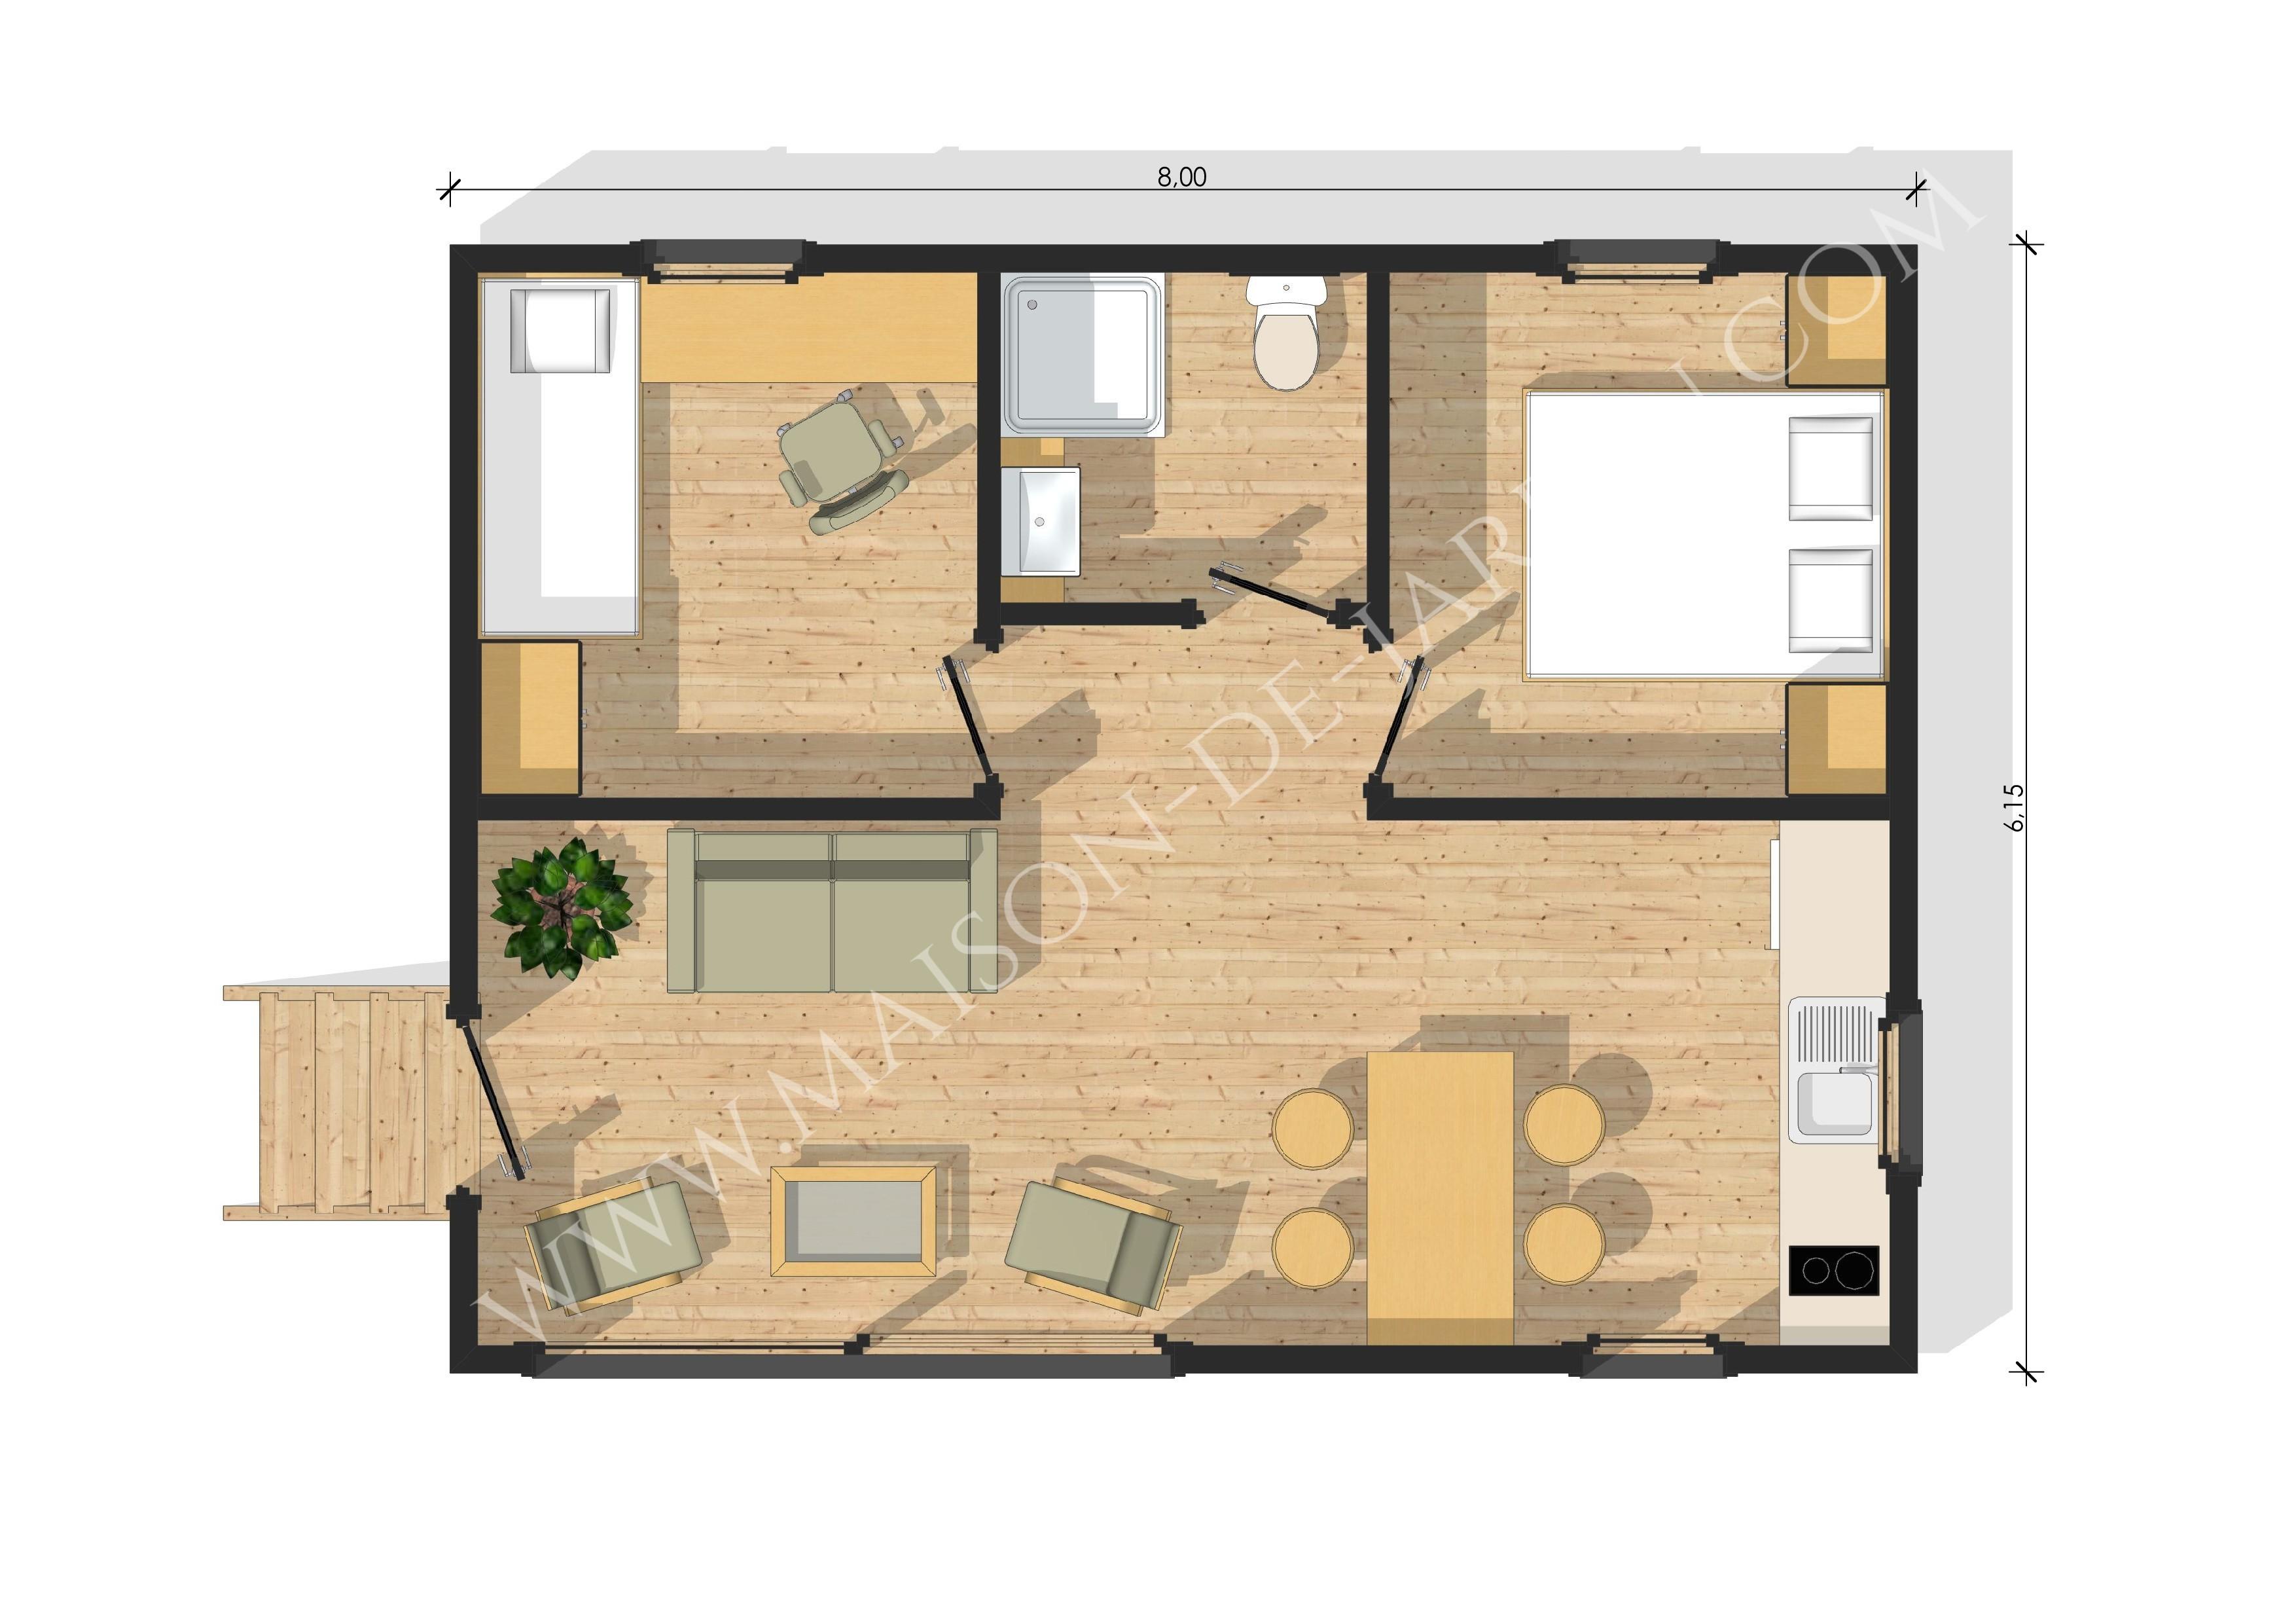 Cette maison avec sa toiture 2 pans dispose dune porte fenêtre et fenêtres en pvc double vitrage de couleur gris anthracite cette petite maison peut vous